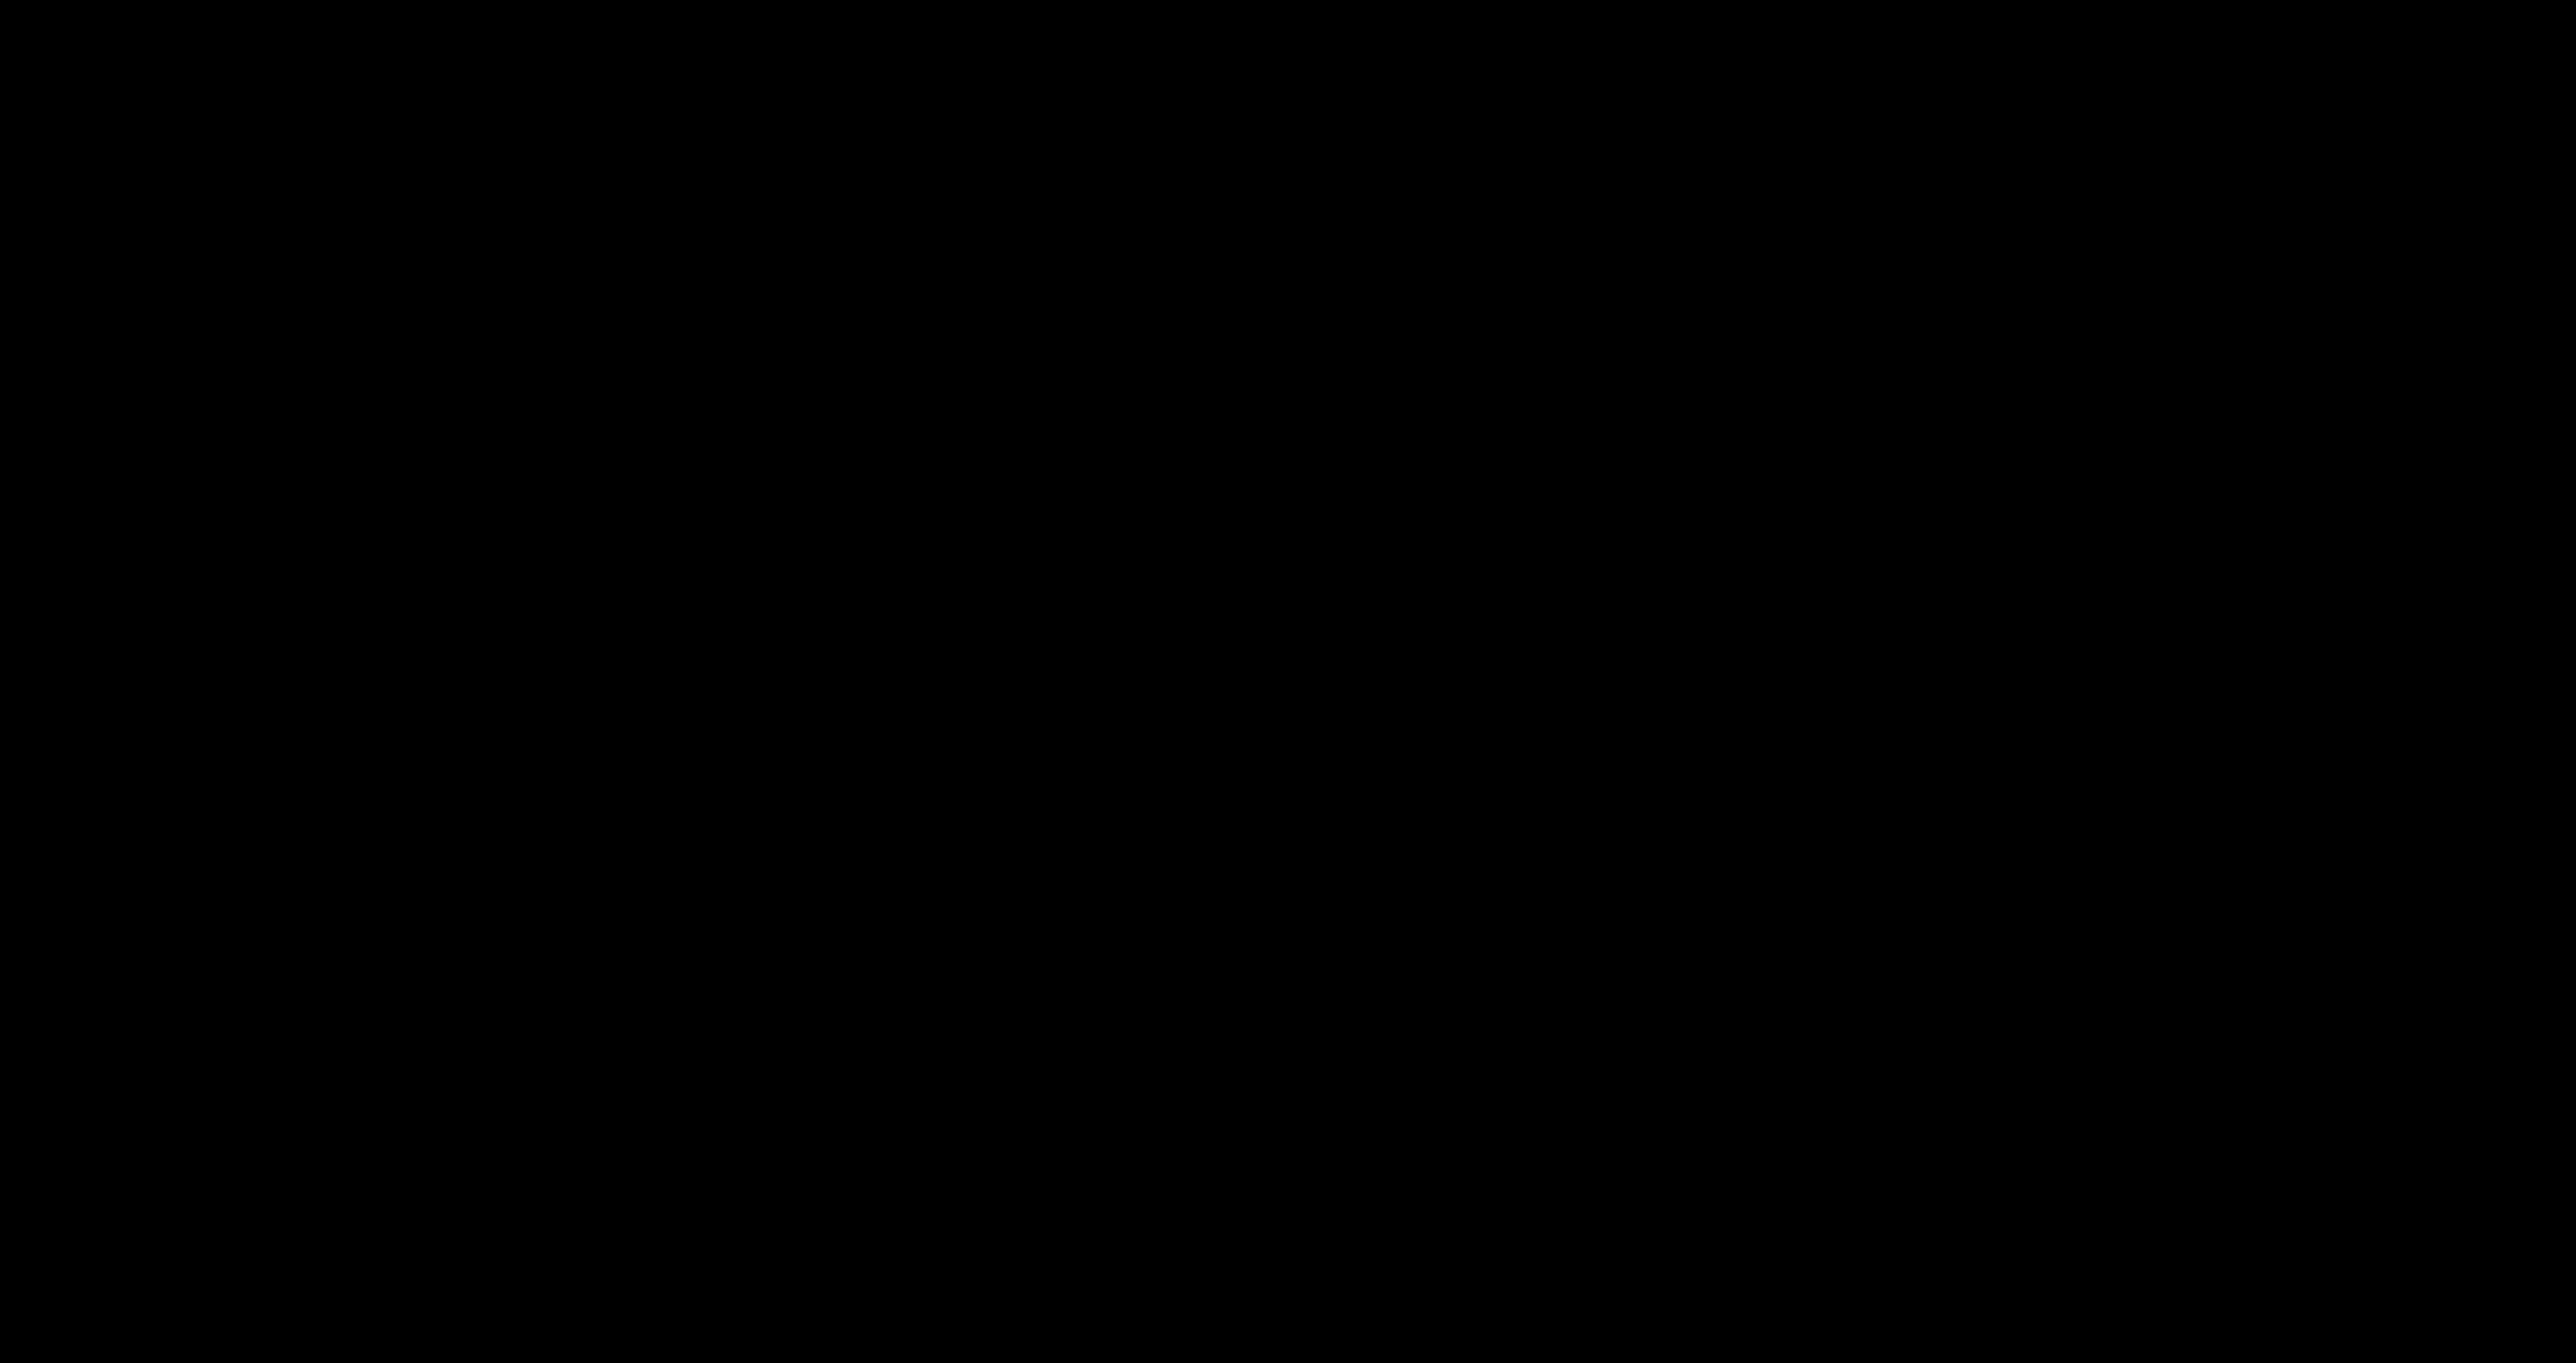 pyral u00e8ne - d u00e9finition